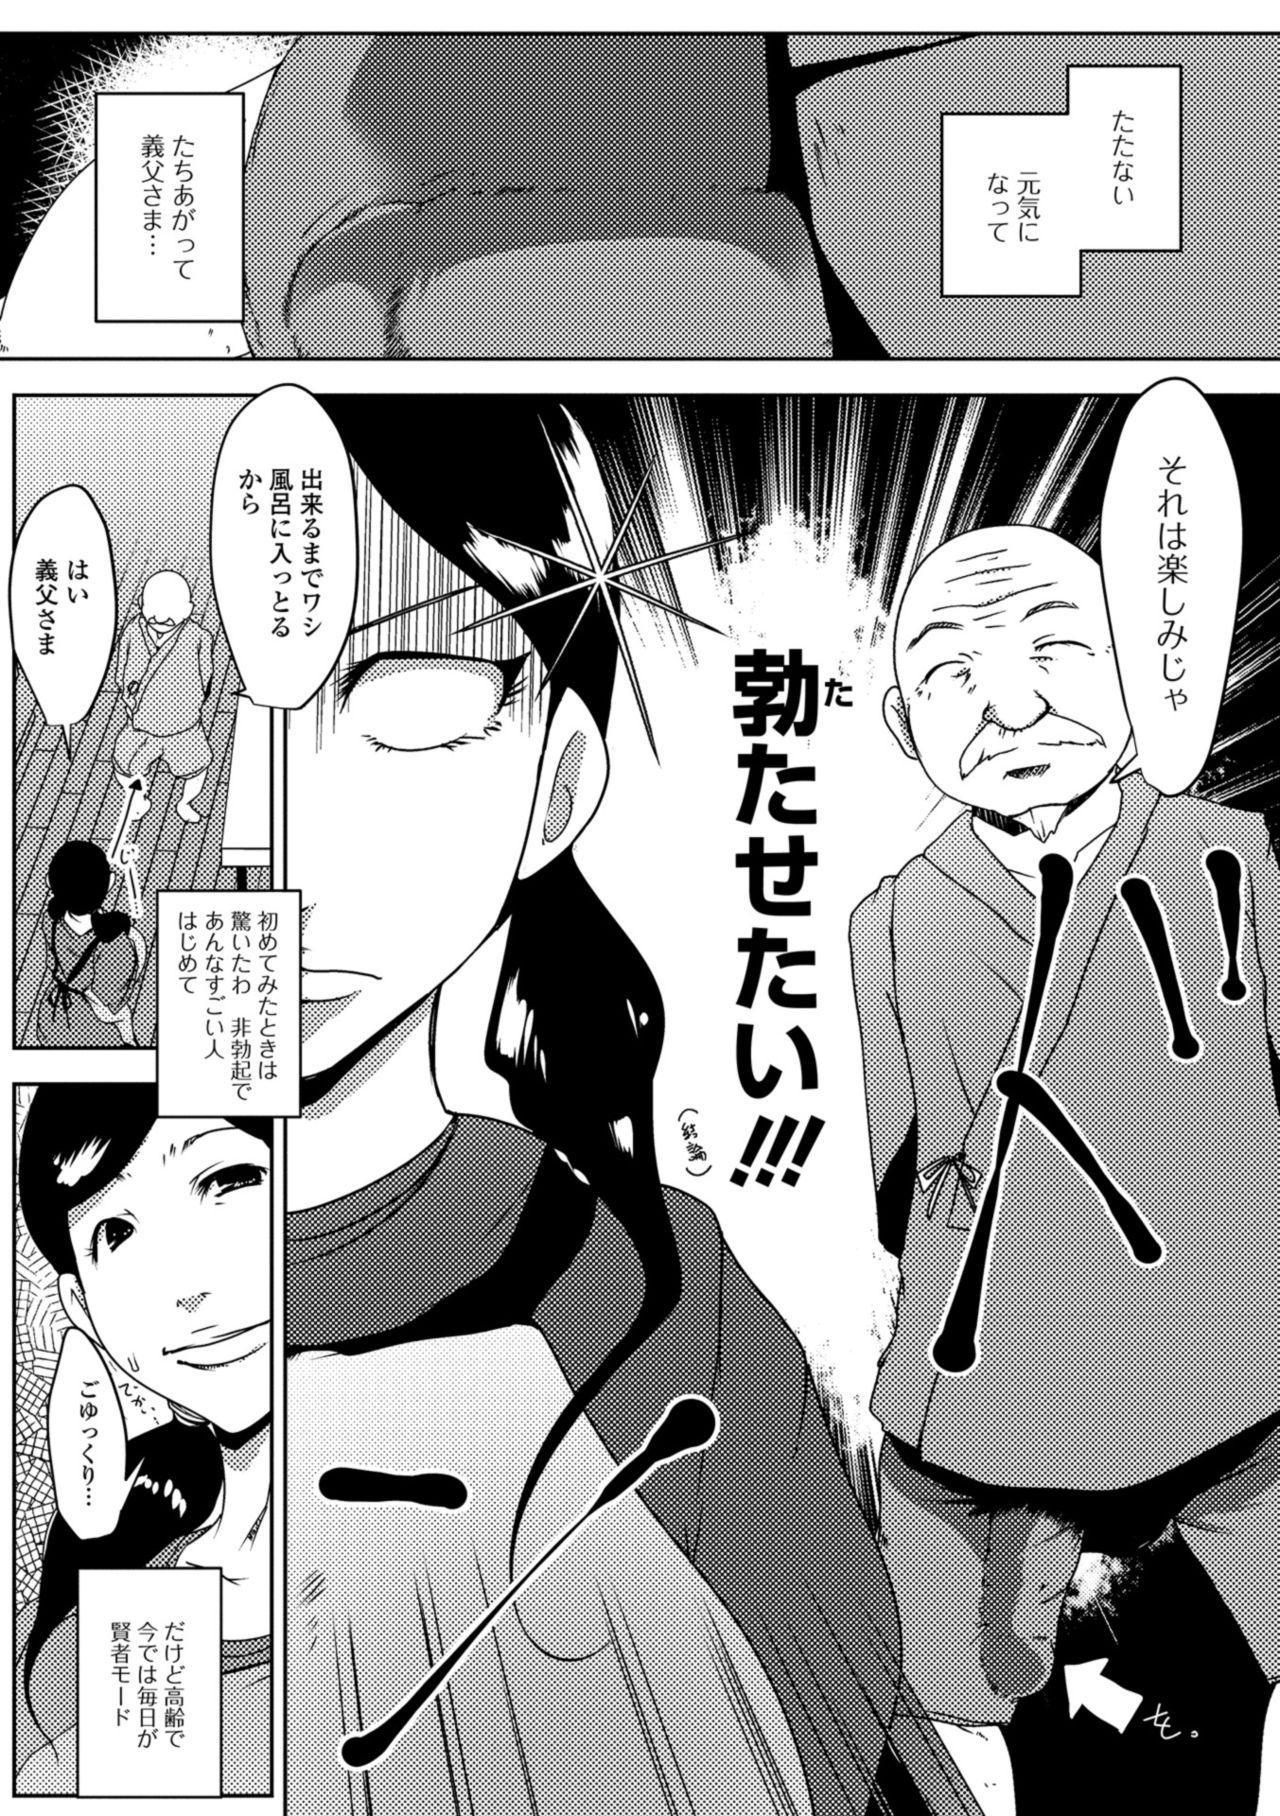 Web Haishin Gekkan Tonari no Kininaru Oku-san Vol. 019 61